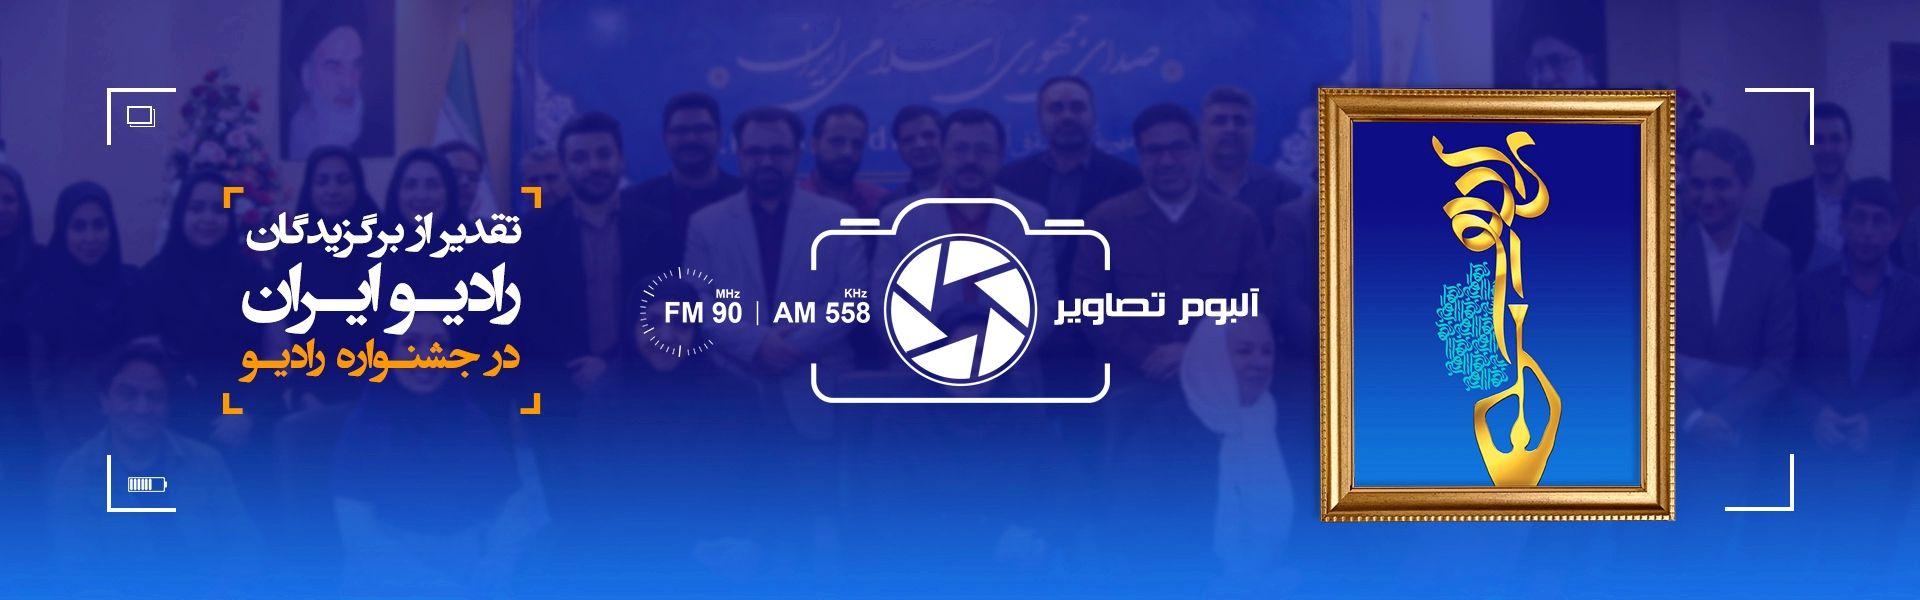 تقدیر از برگزیدگان رادیو ایران